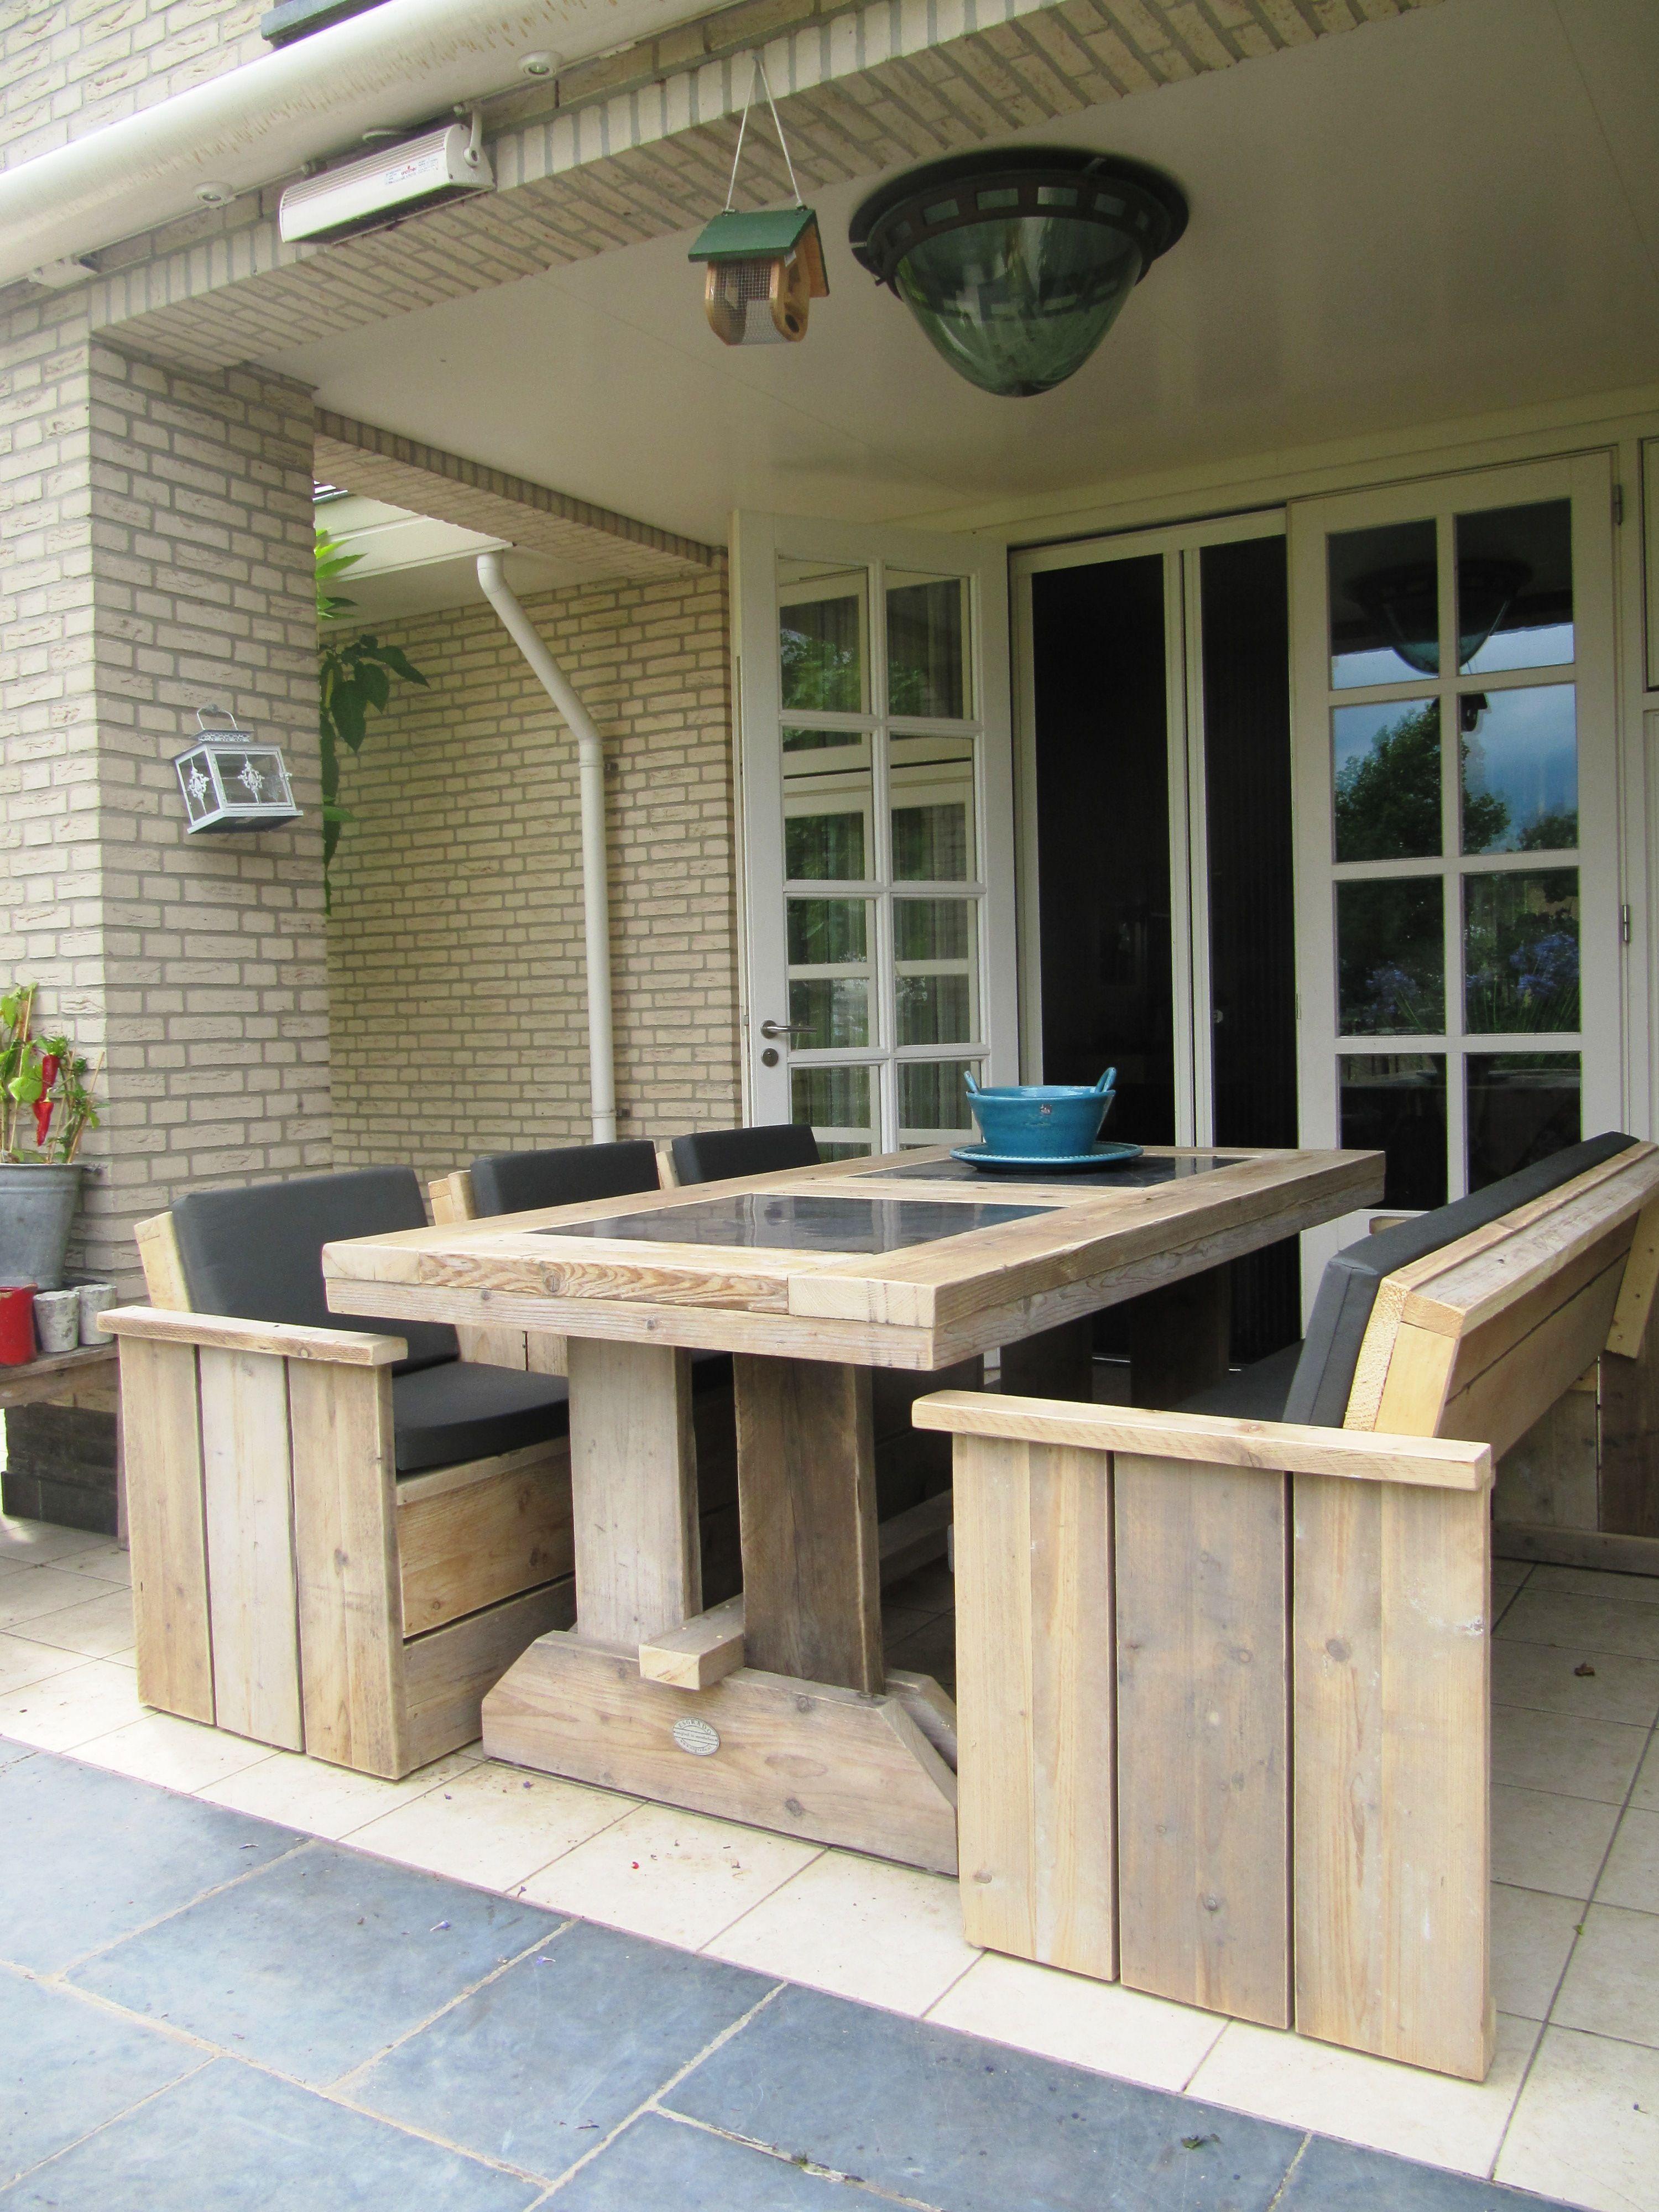 Steigerhouten Eettafel Voor Buiten Tuinmeubelen